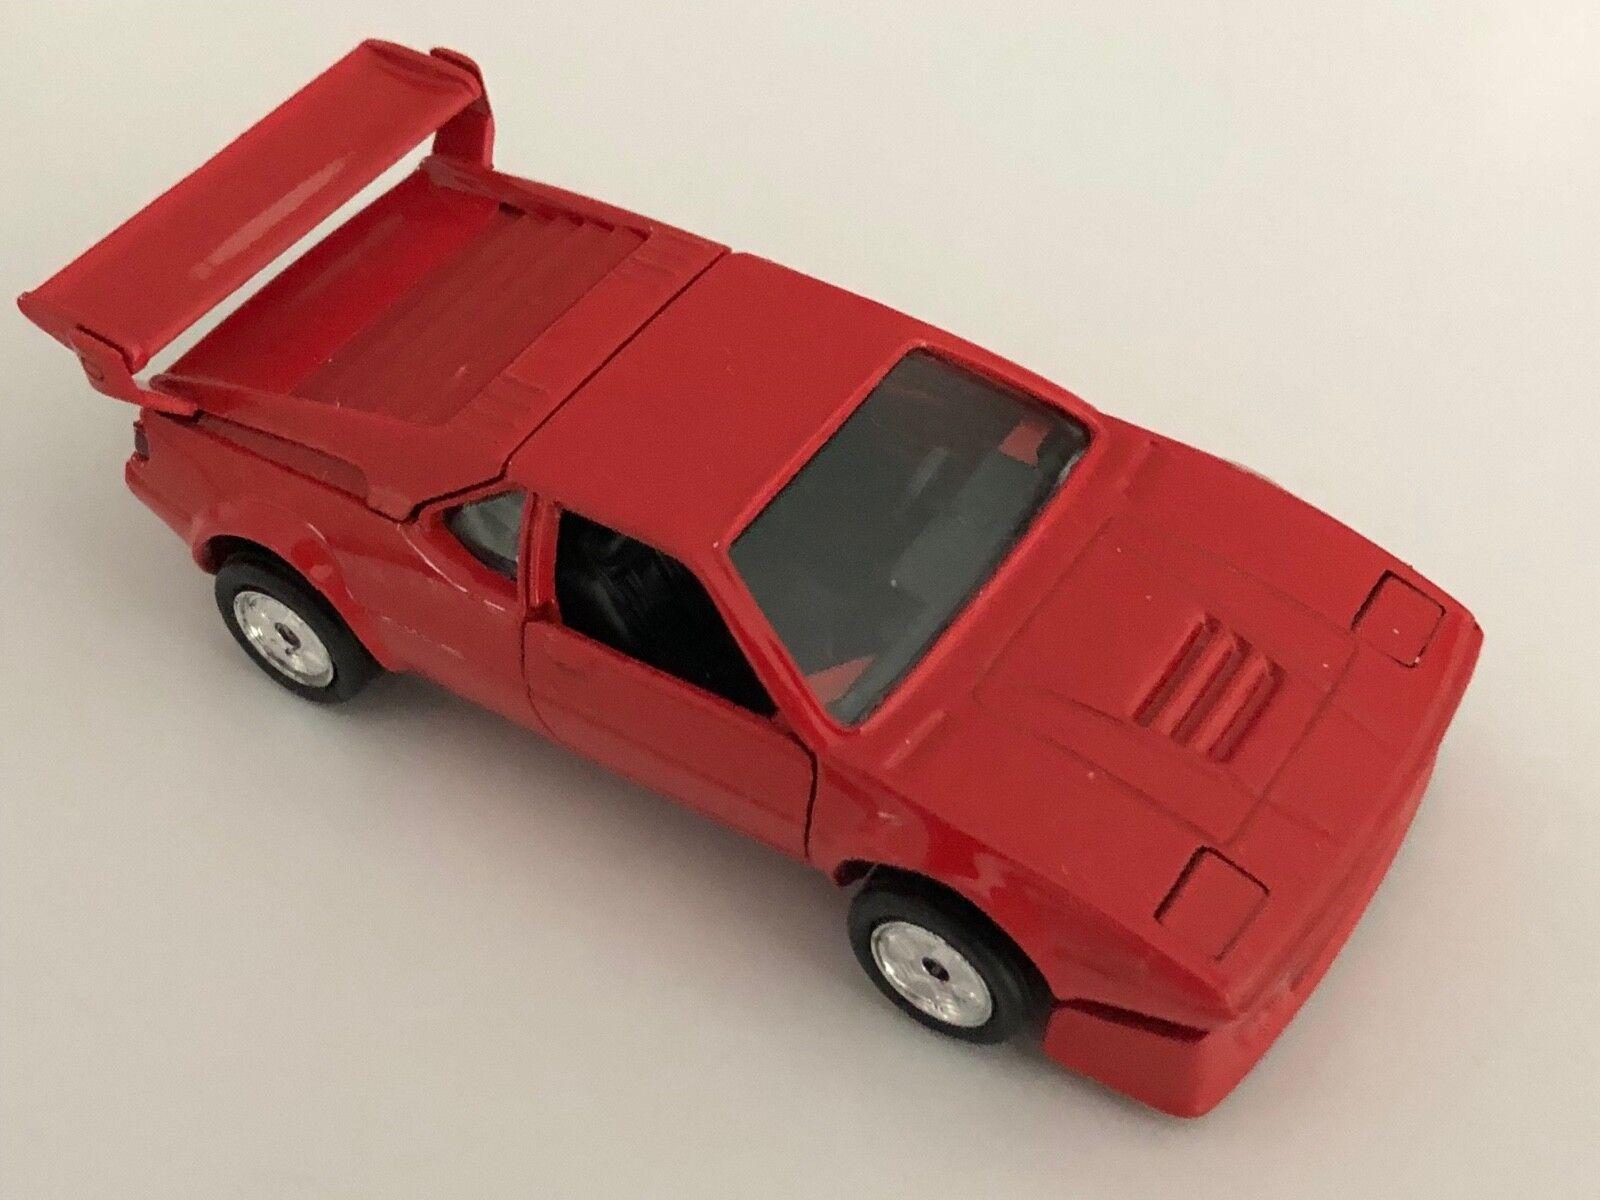 precios ultra bajos BMW M1 Race versión E26 en Rojo Henna Henna Henna 1 43 escala Diecast Modelo   82 22 9 406 347  producto de calidad